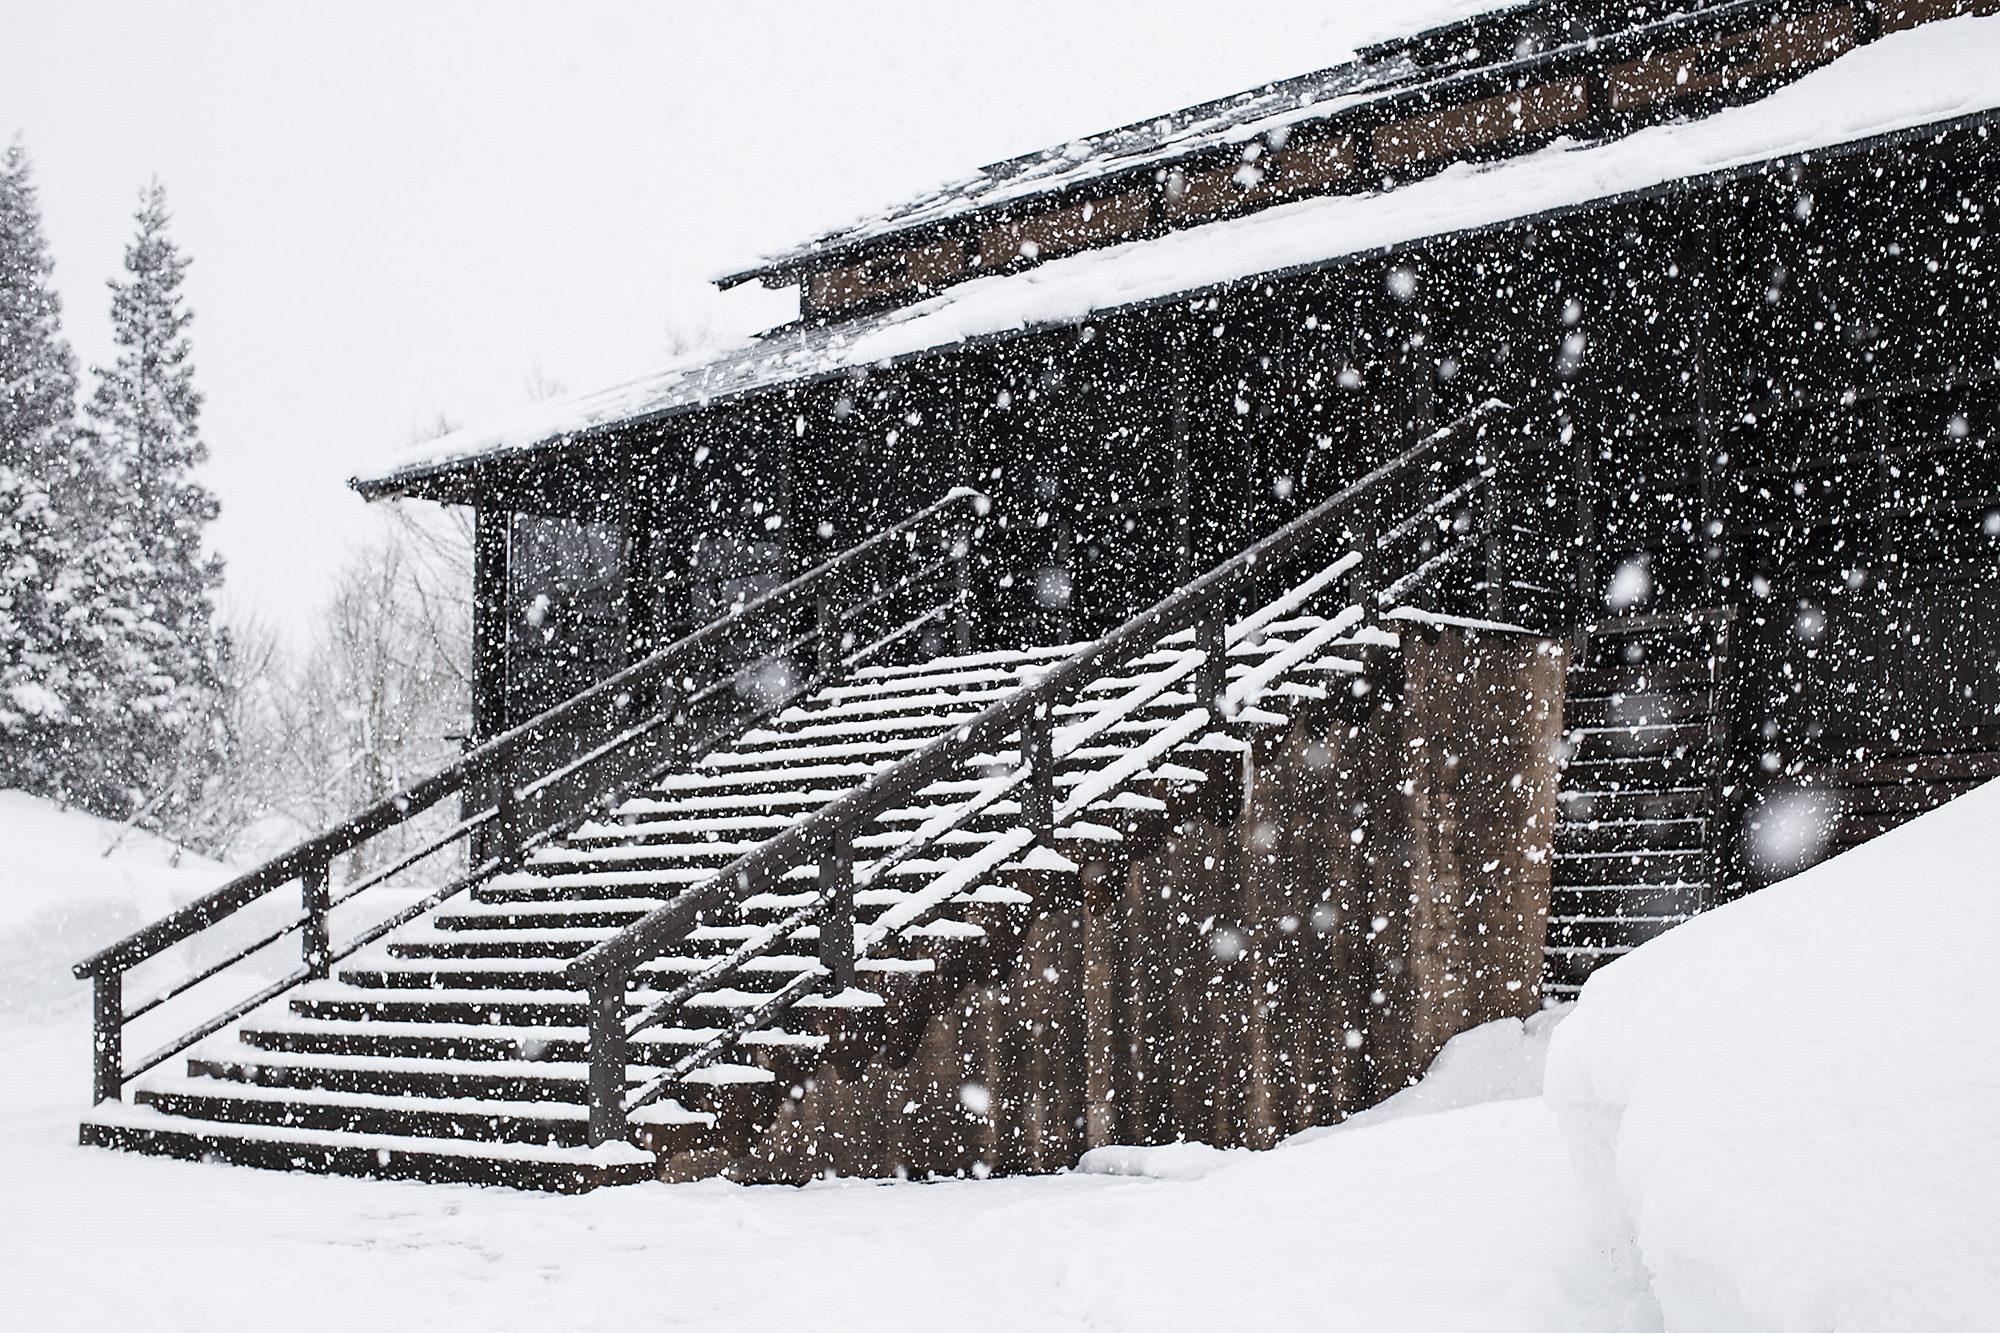 Drempt wintertime wandering 1